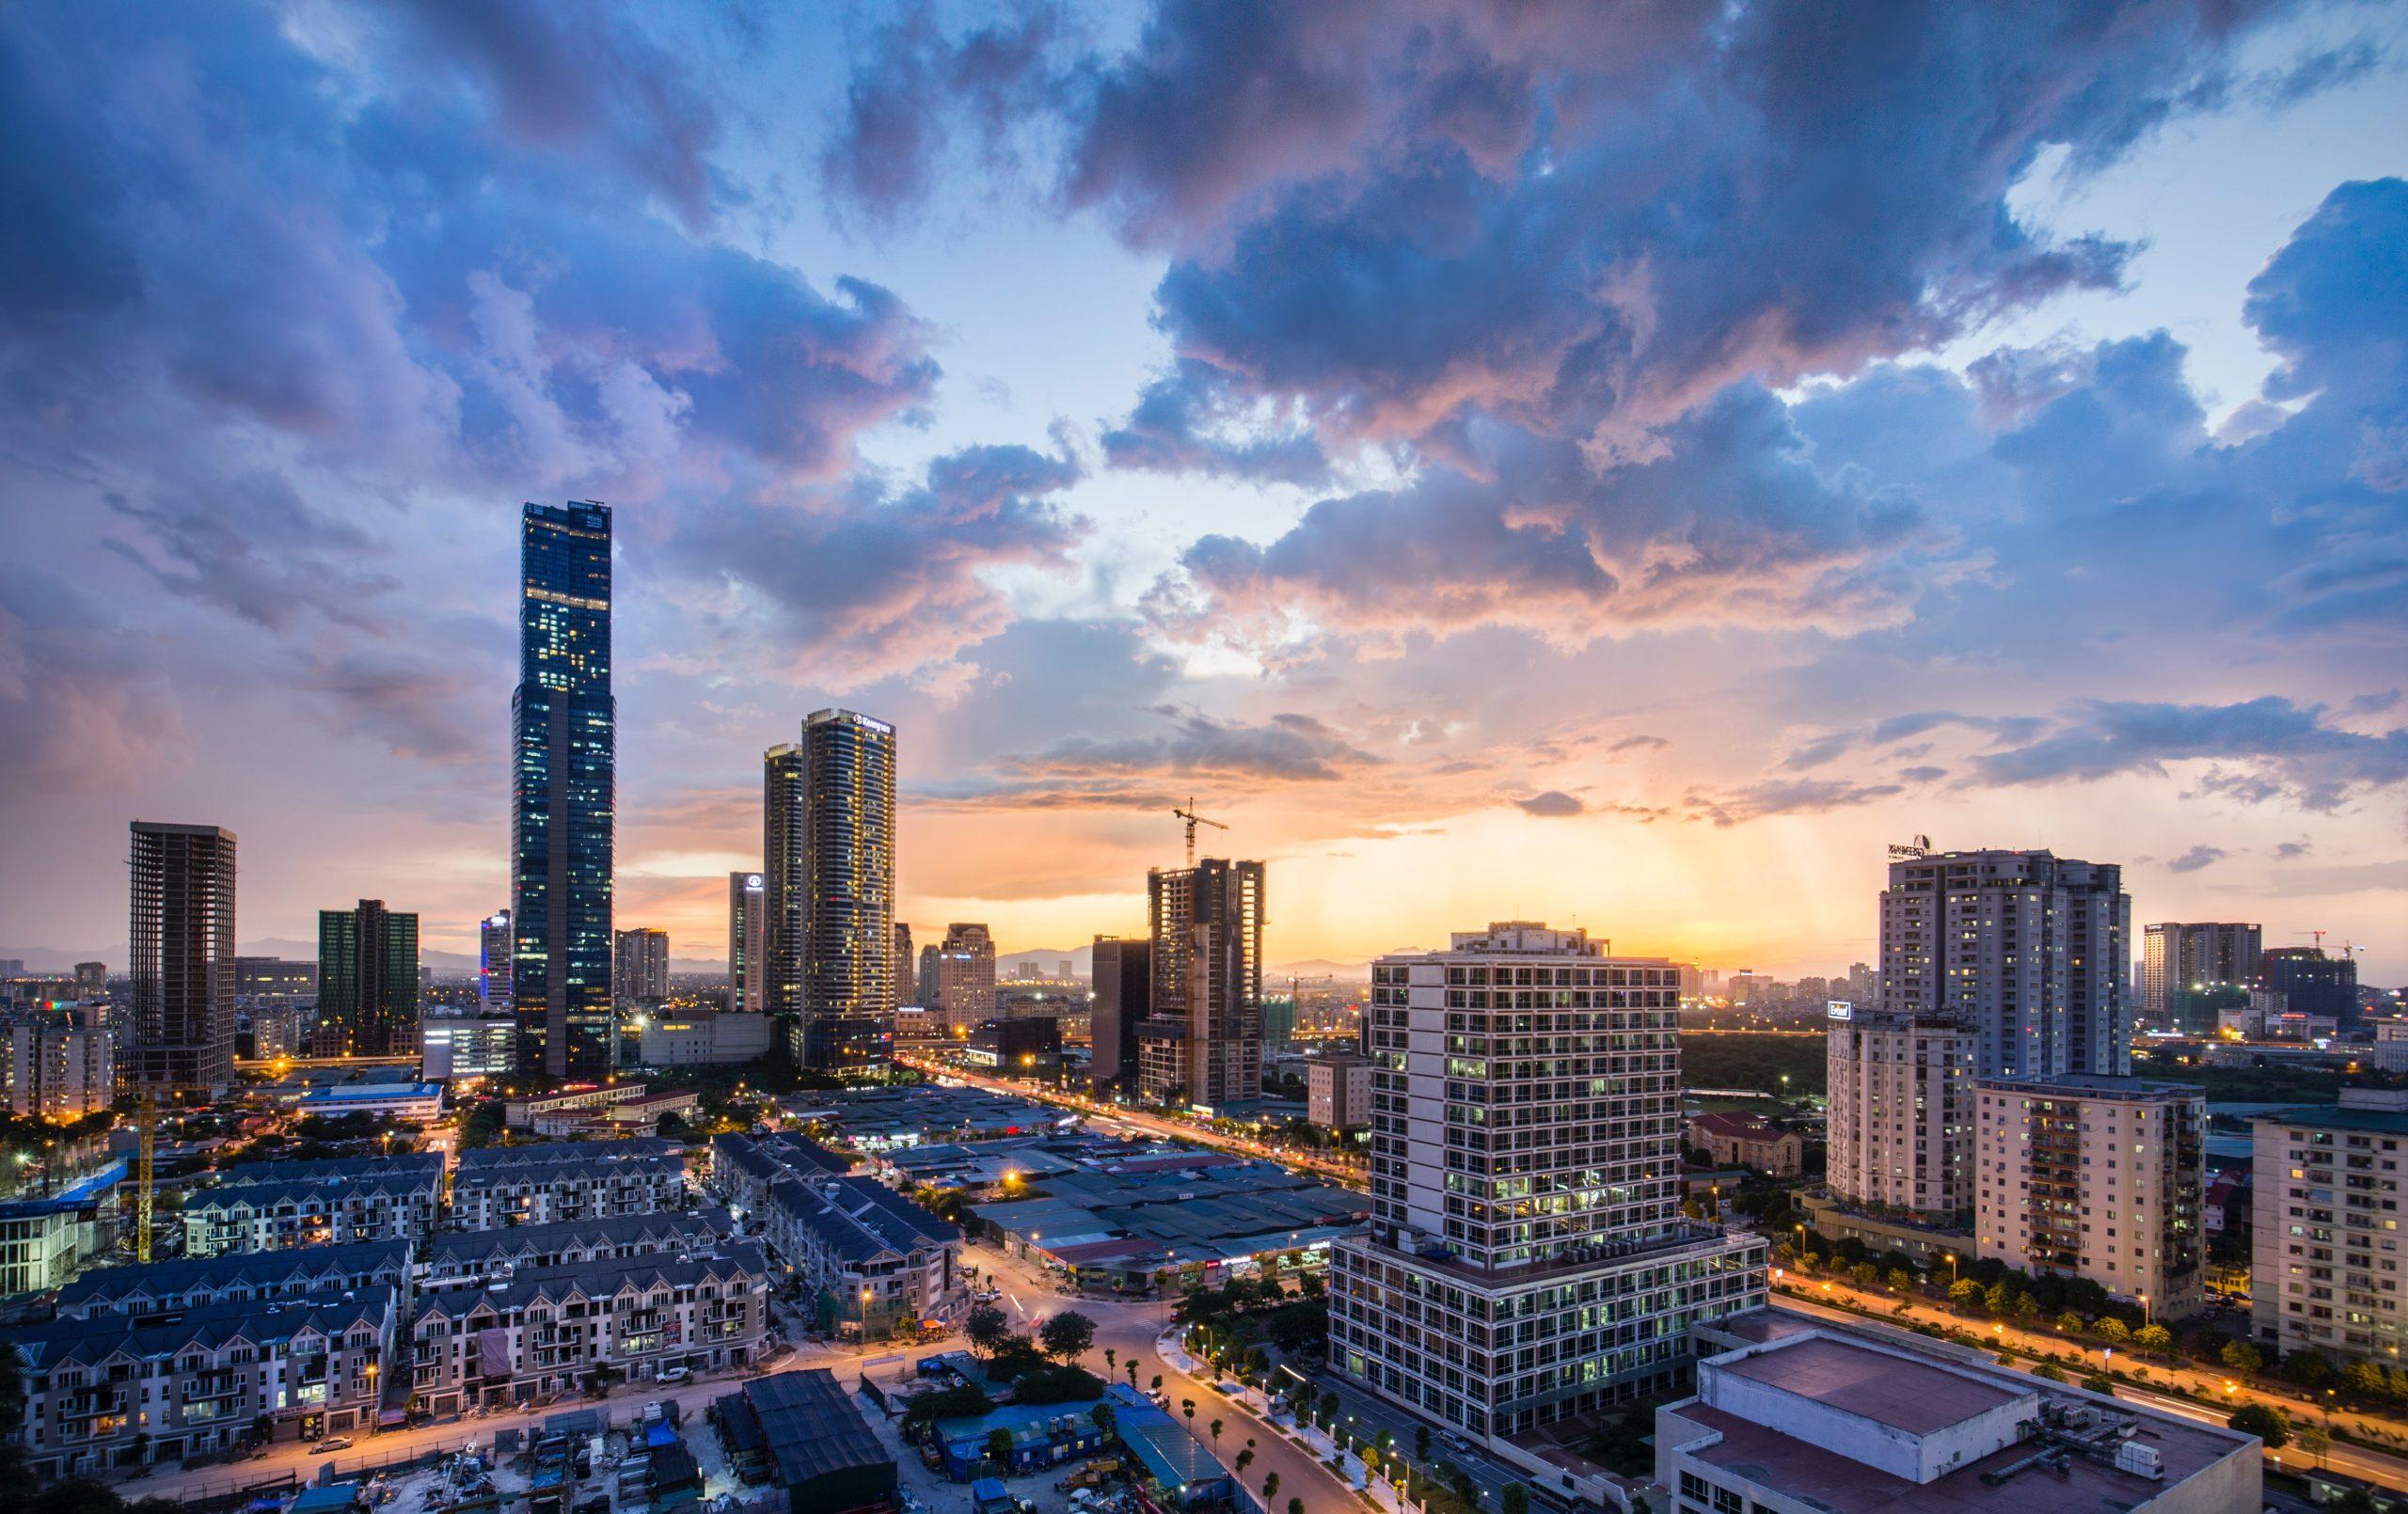 ベトナムの首都「ハノイ市」中心部のエリア紹介